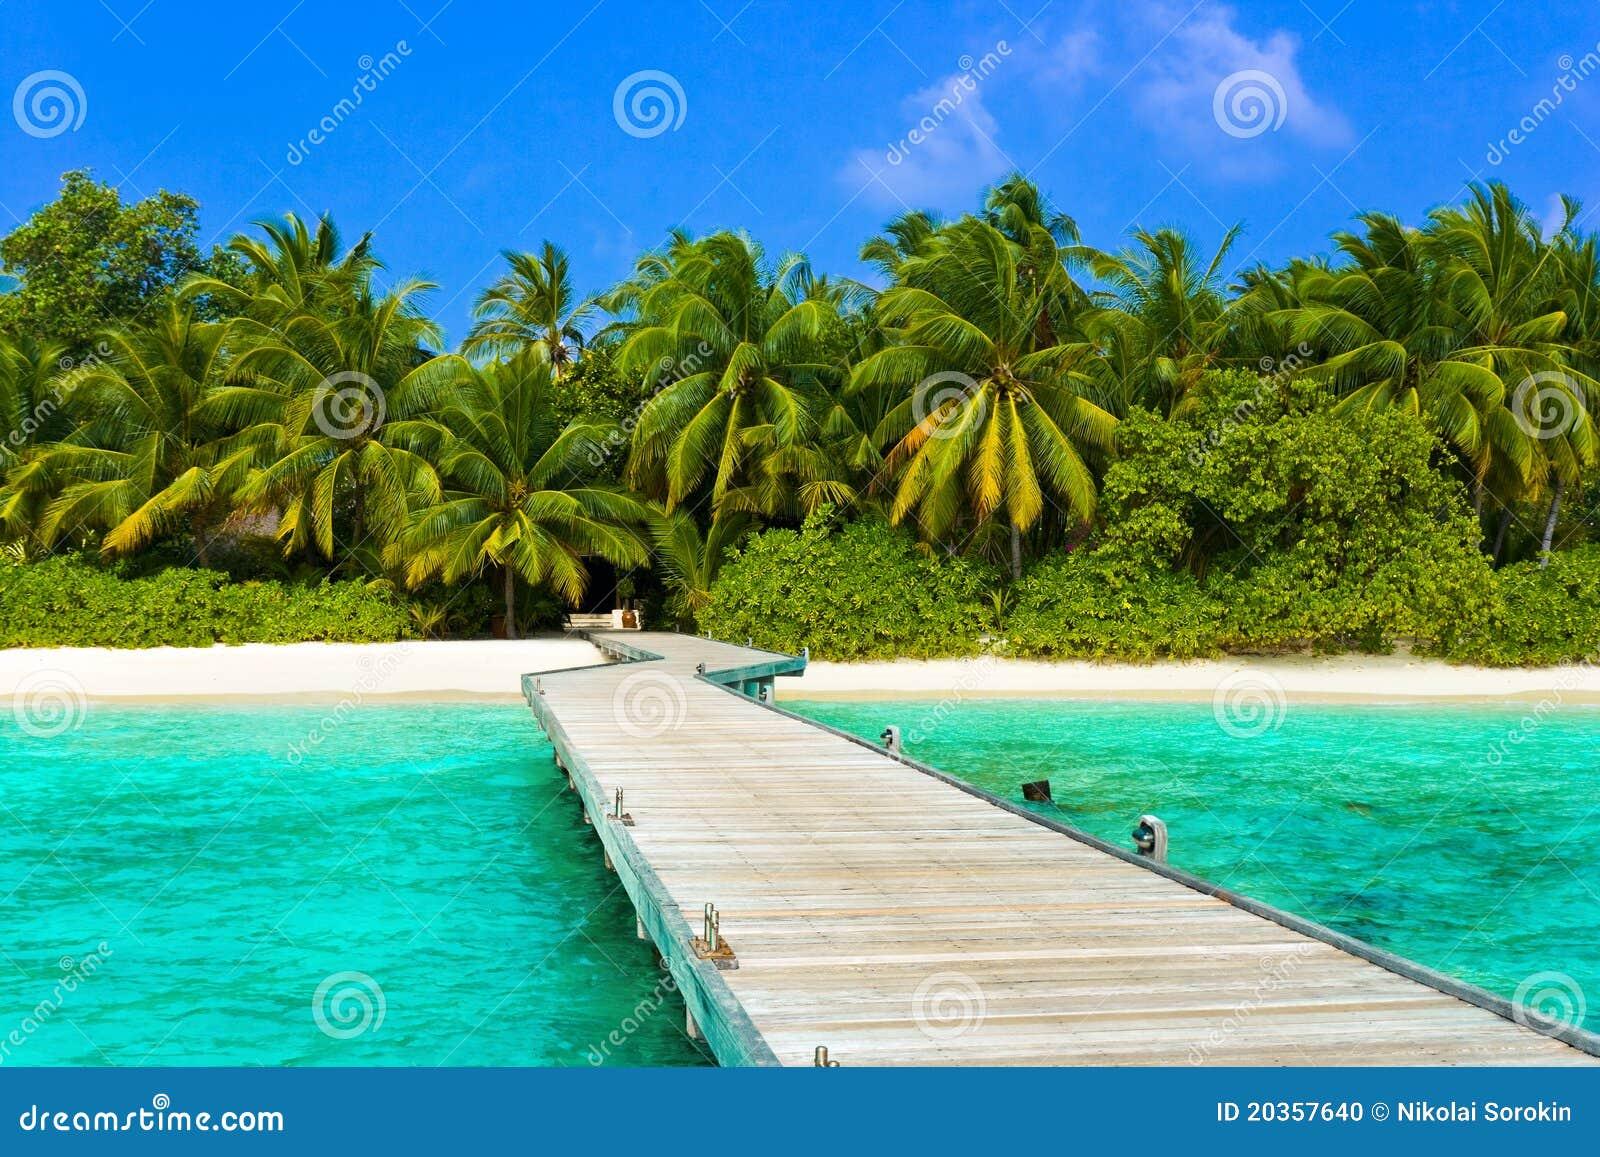 Embarcadero, playa y selva